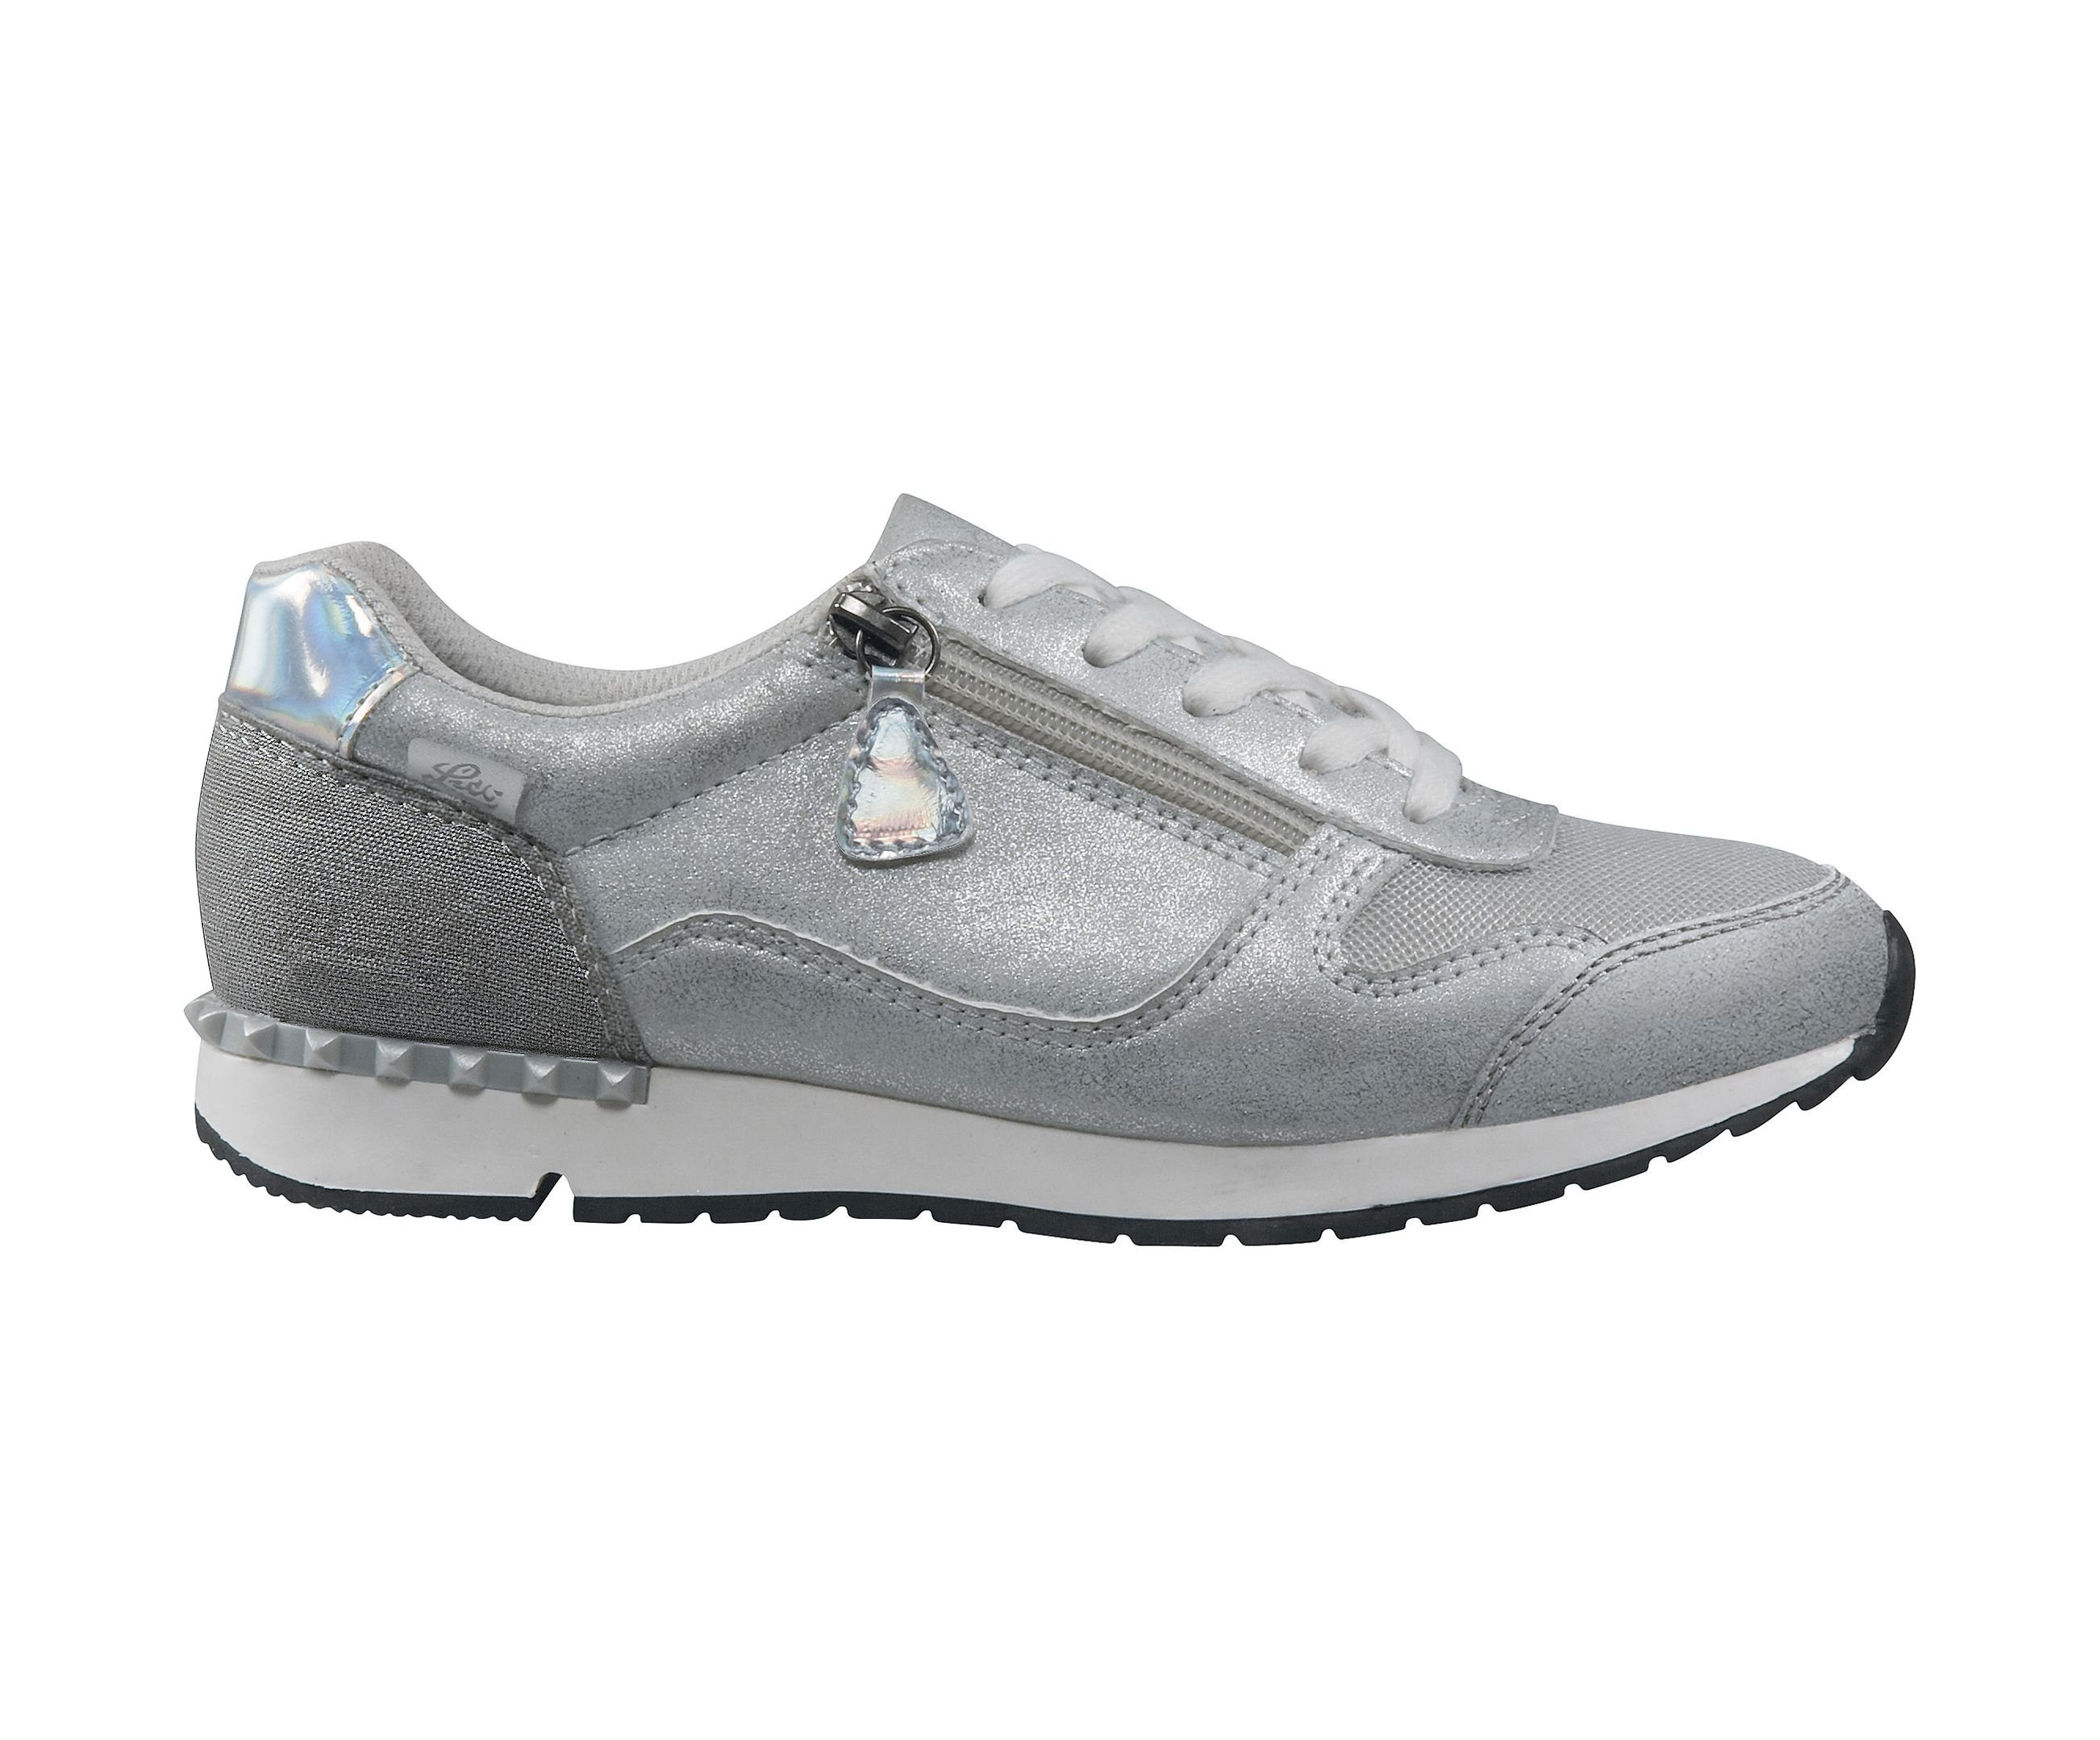 LICO Trendschuh Silver online kaufen  silber